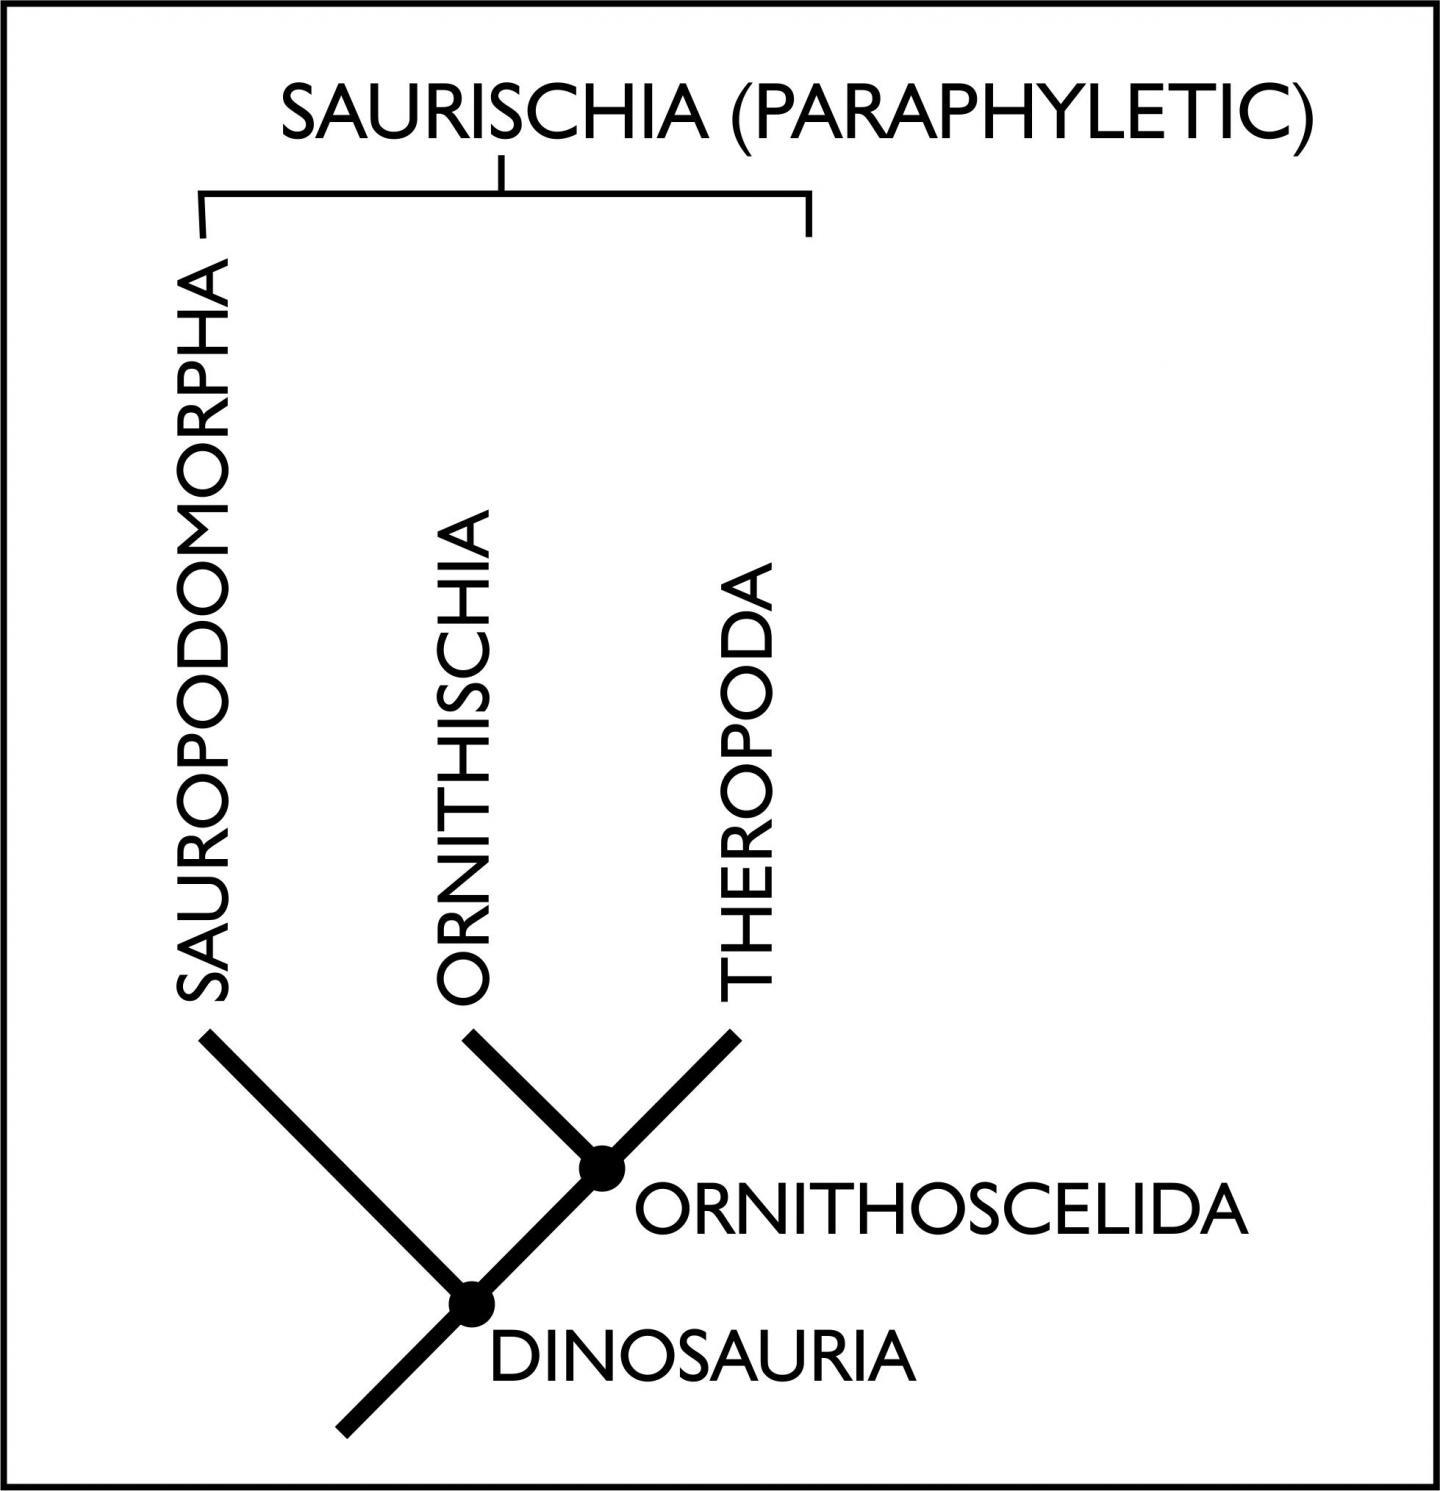 New family tree